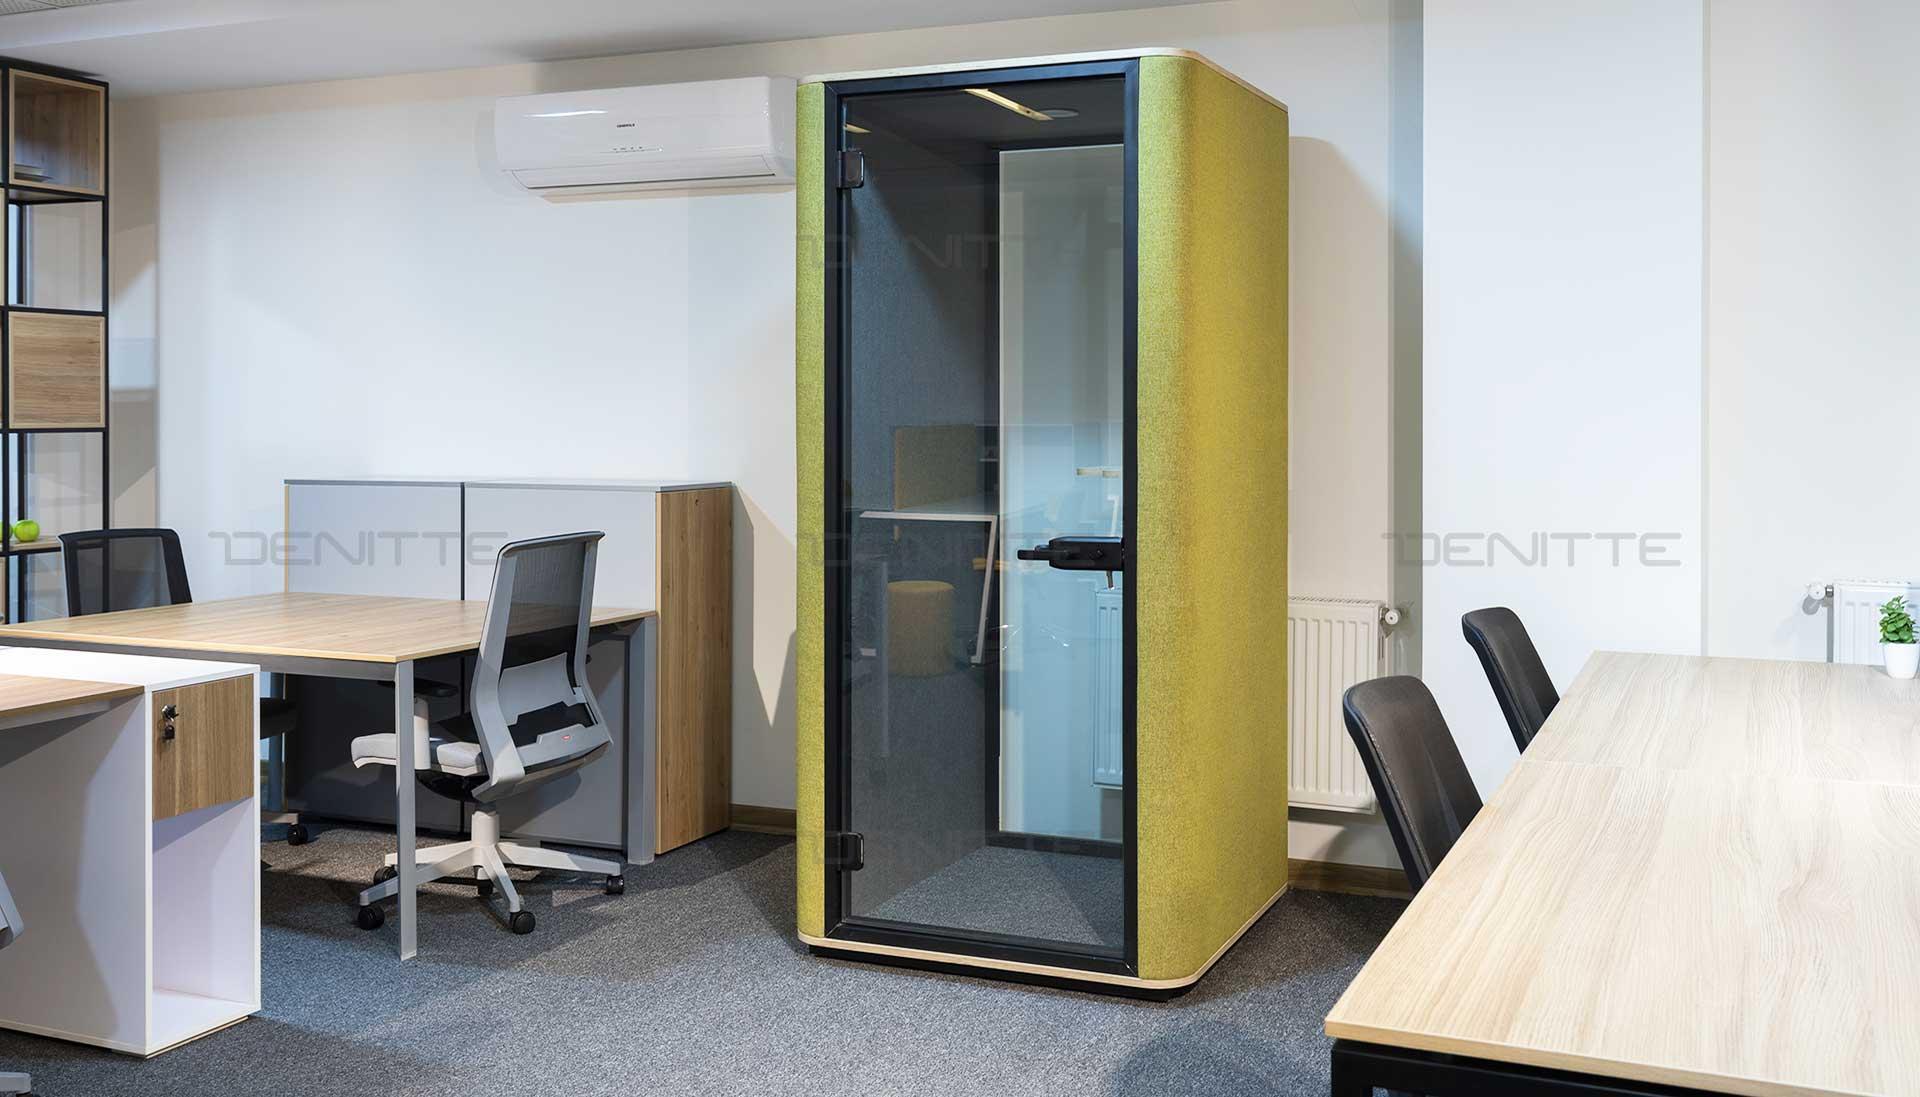 اتاق آکوستیک تلفن در فضای کار اشتراکی